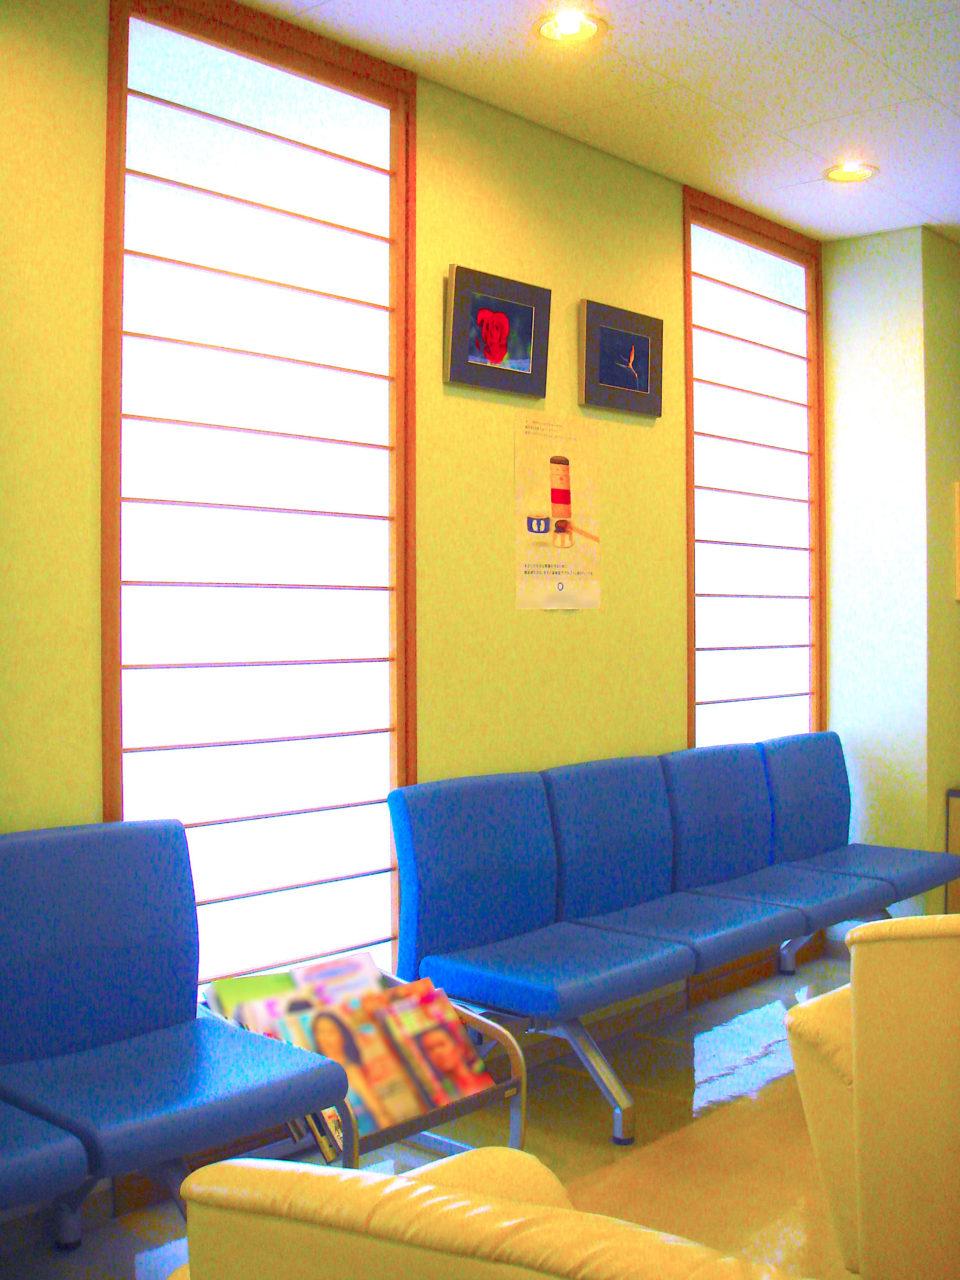 待合室の落ち着いた雰囲気に障子が似合います